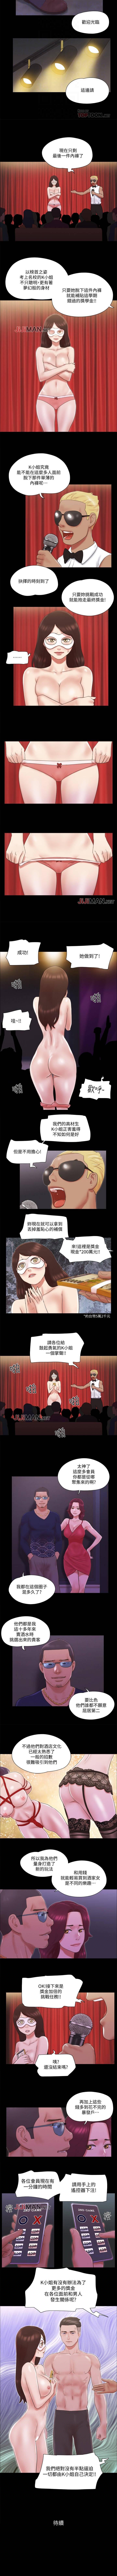 【周五连载】协议换爱(作者:遠德) 第1~62话 260